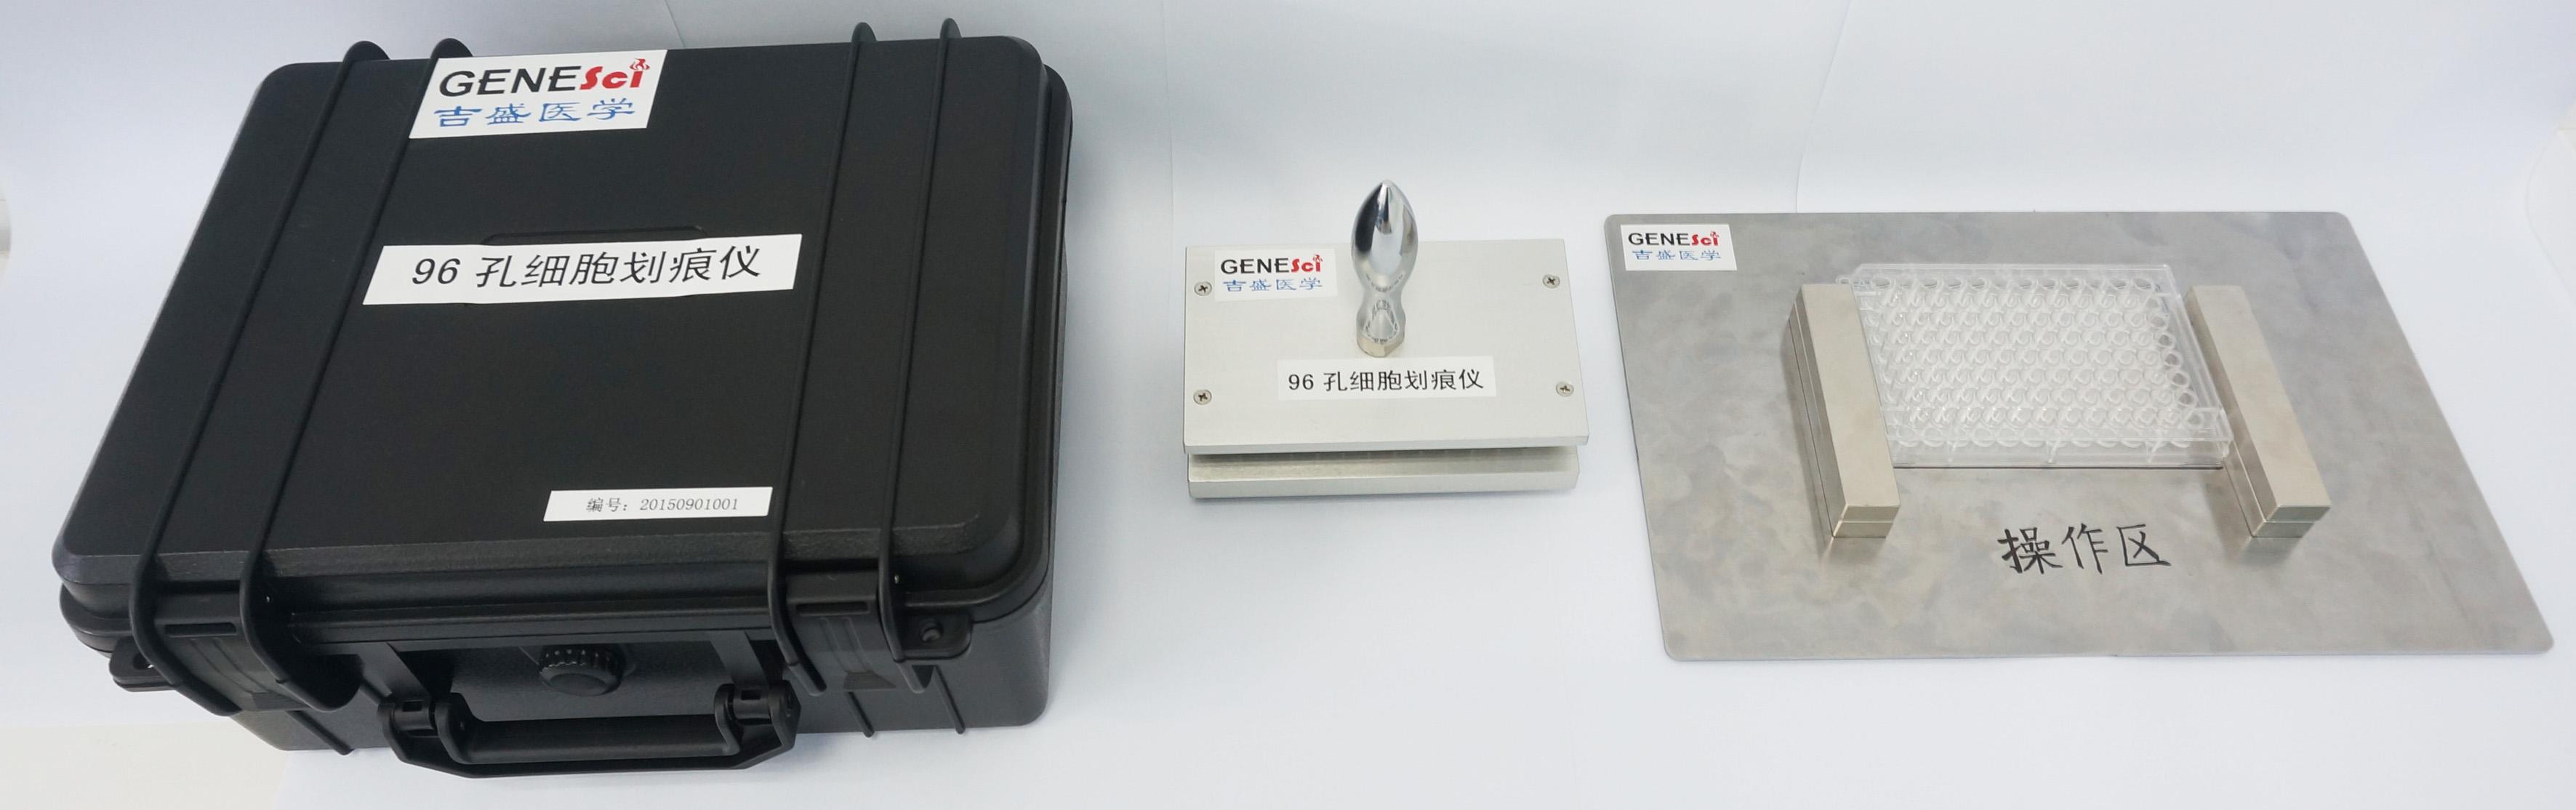 96通道细胞划痕仪-上海吉盛医学科技有限公司